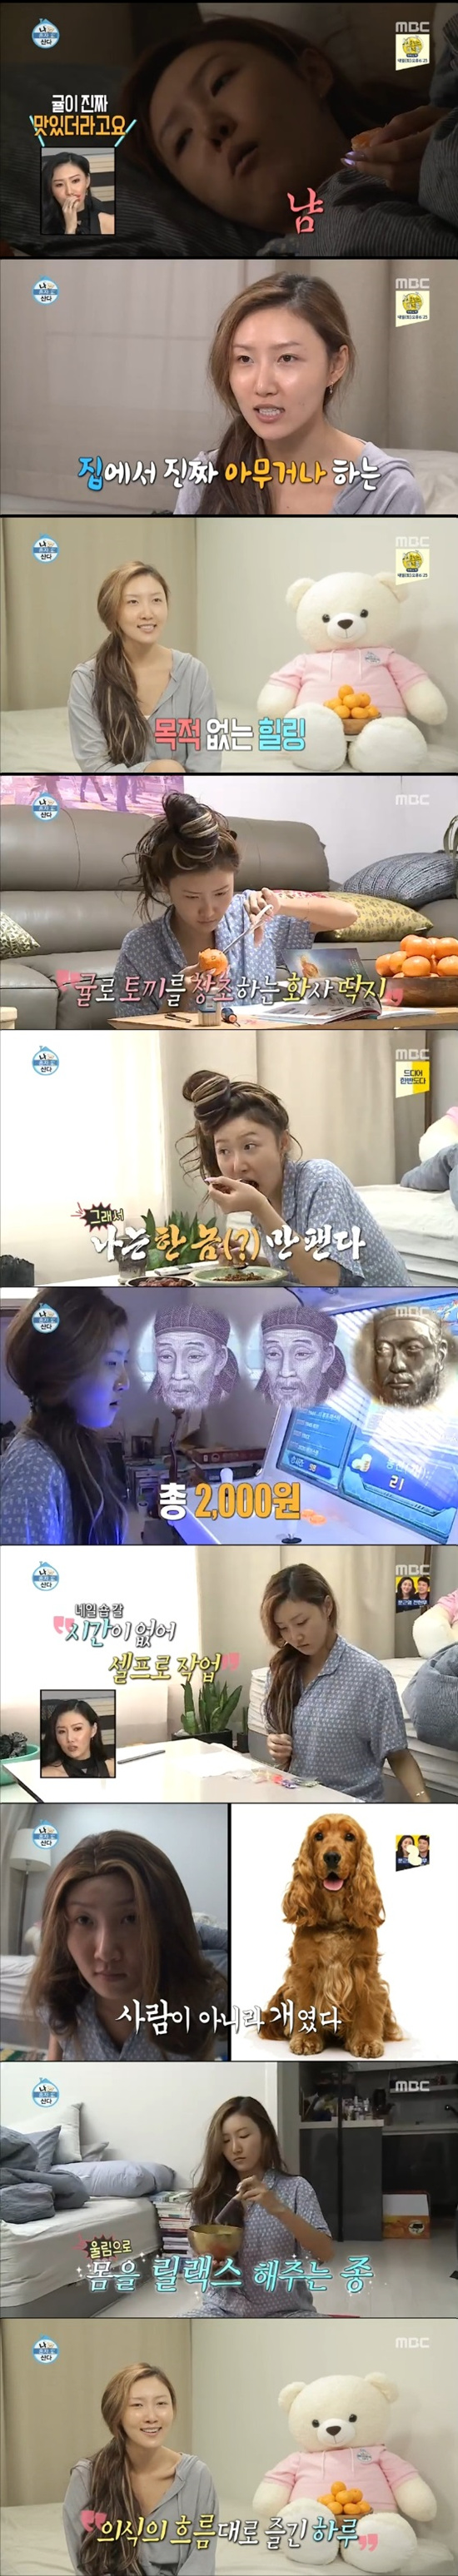 '나 혼자 산다' 화사 방구석 힐링 → 한혜진X김원경 우정여행 in 하와...